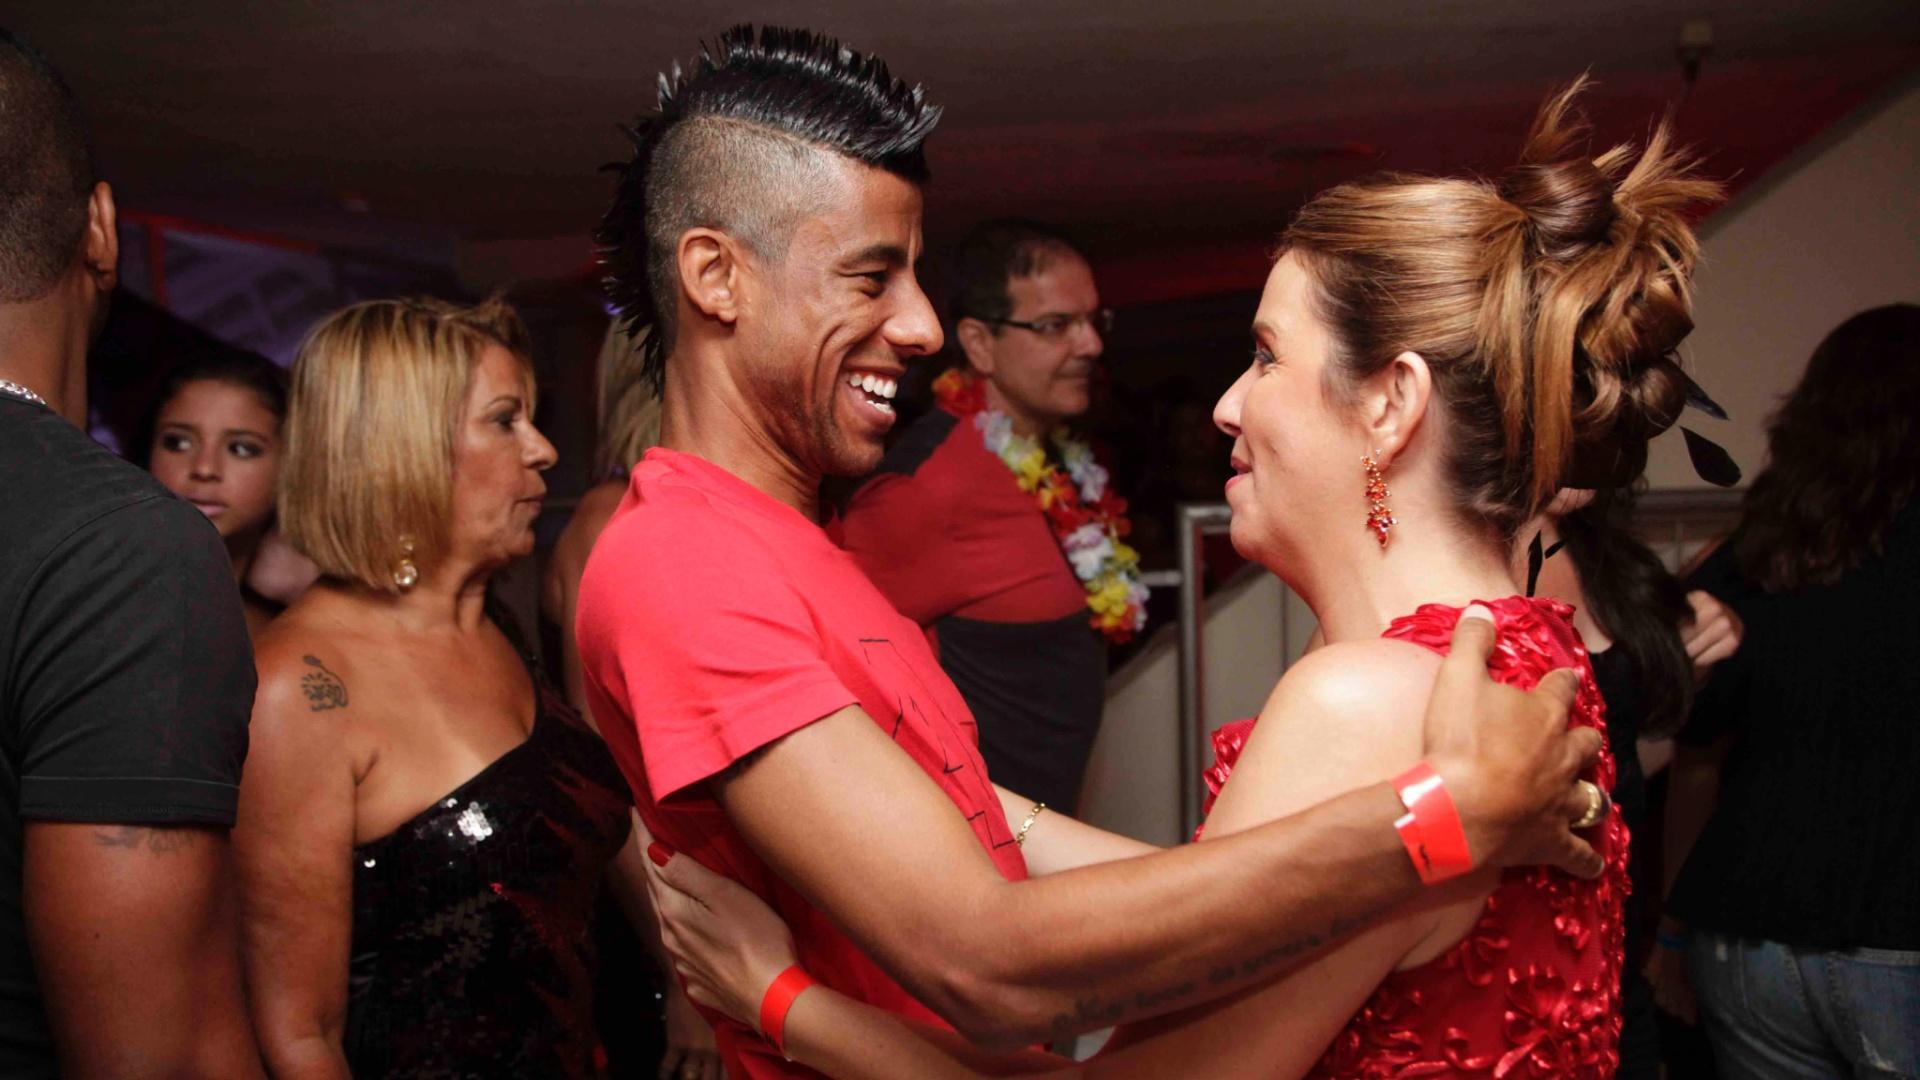 Leonardo Moura e Patricia Amorim se cumprimentam no baile do clube